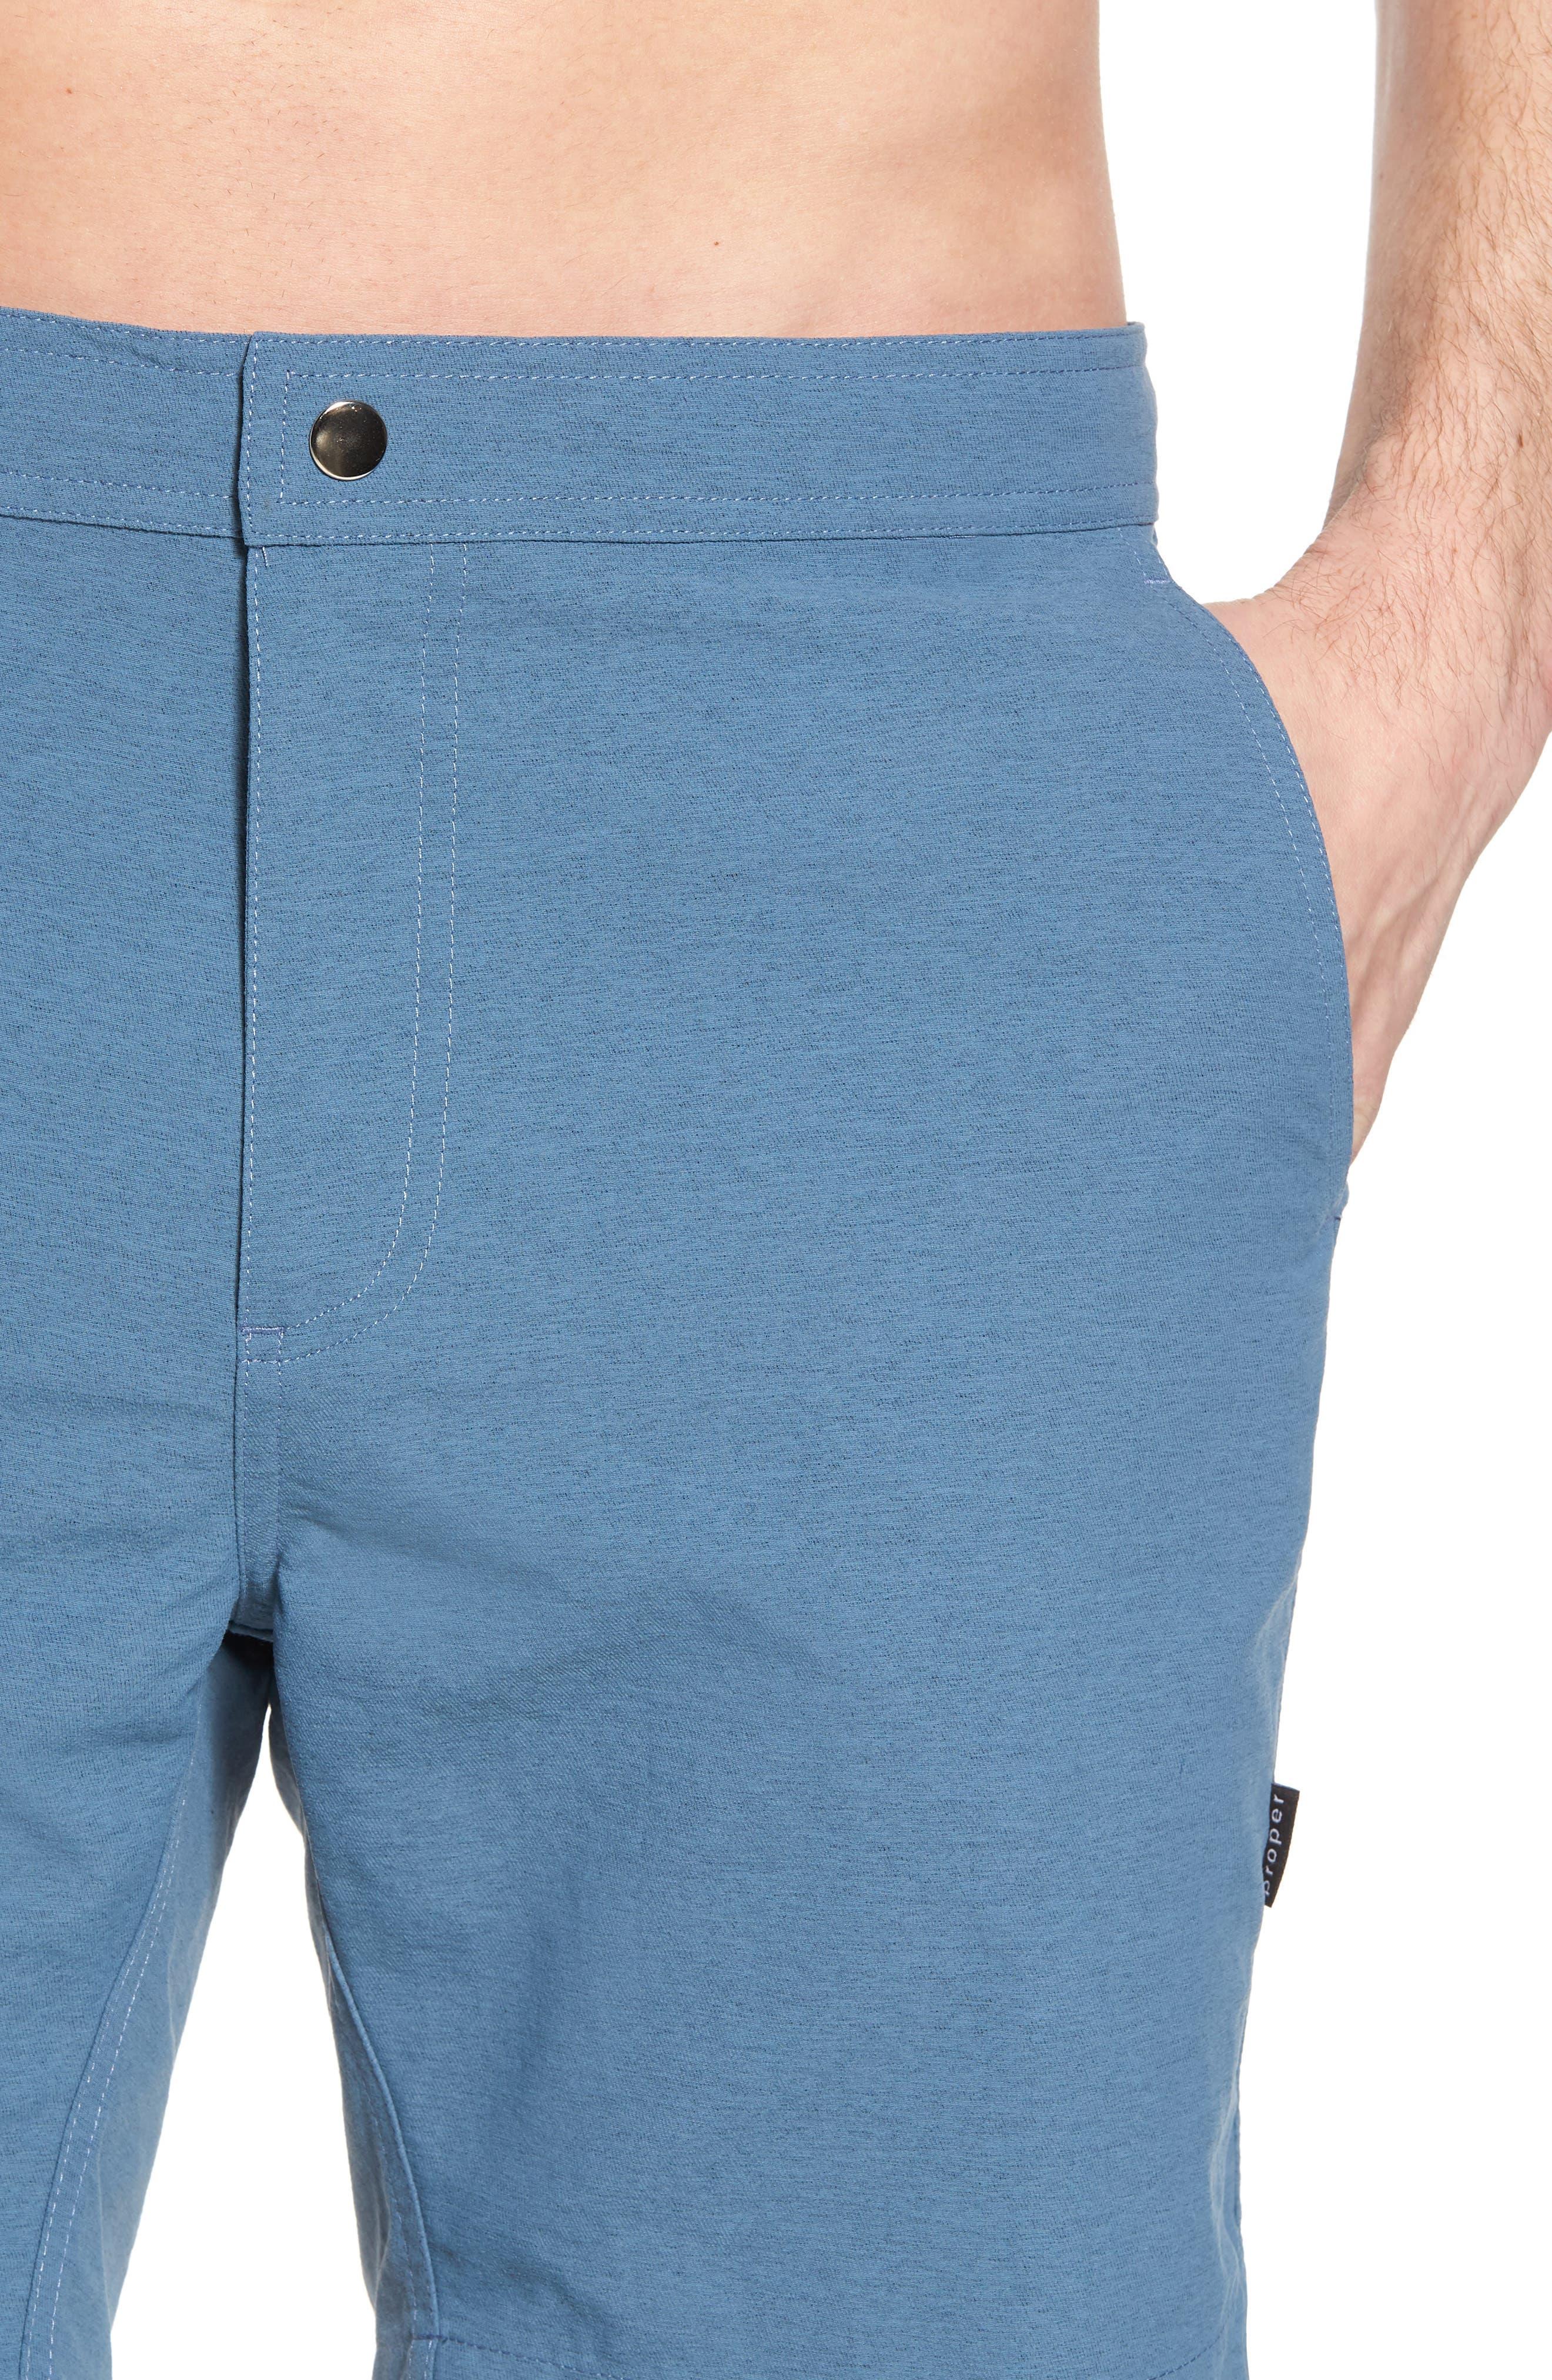 Bond Hybrid Shorts,                             Alternate thumbnail 4, color,                             TIDAL BLUE